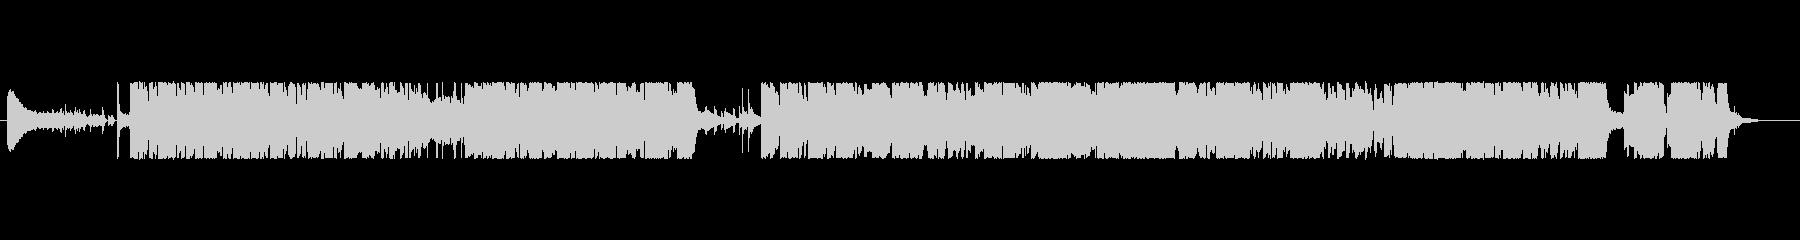 超軽快なジャズのビッグバンド風BGMの未再生の波形